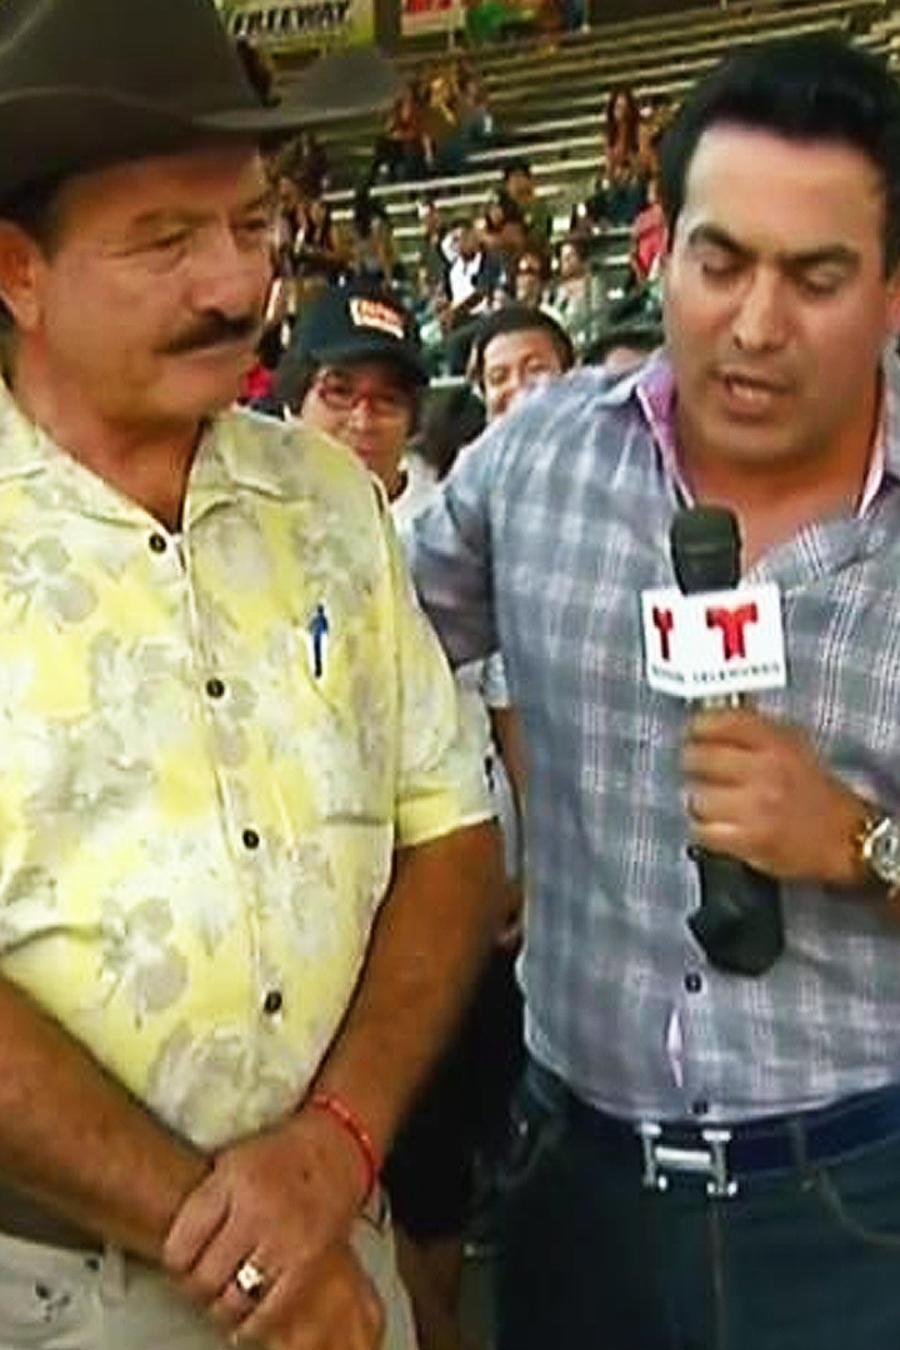 Luto en festival mexicano en Pico Rivera, California